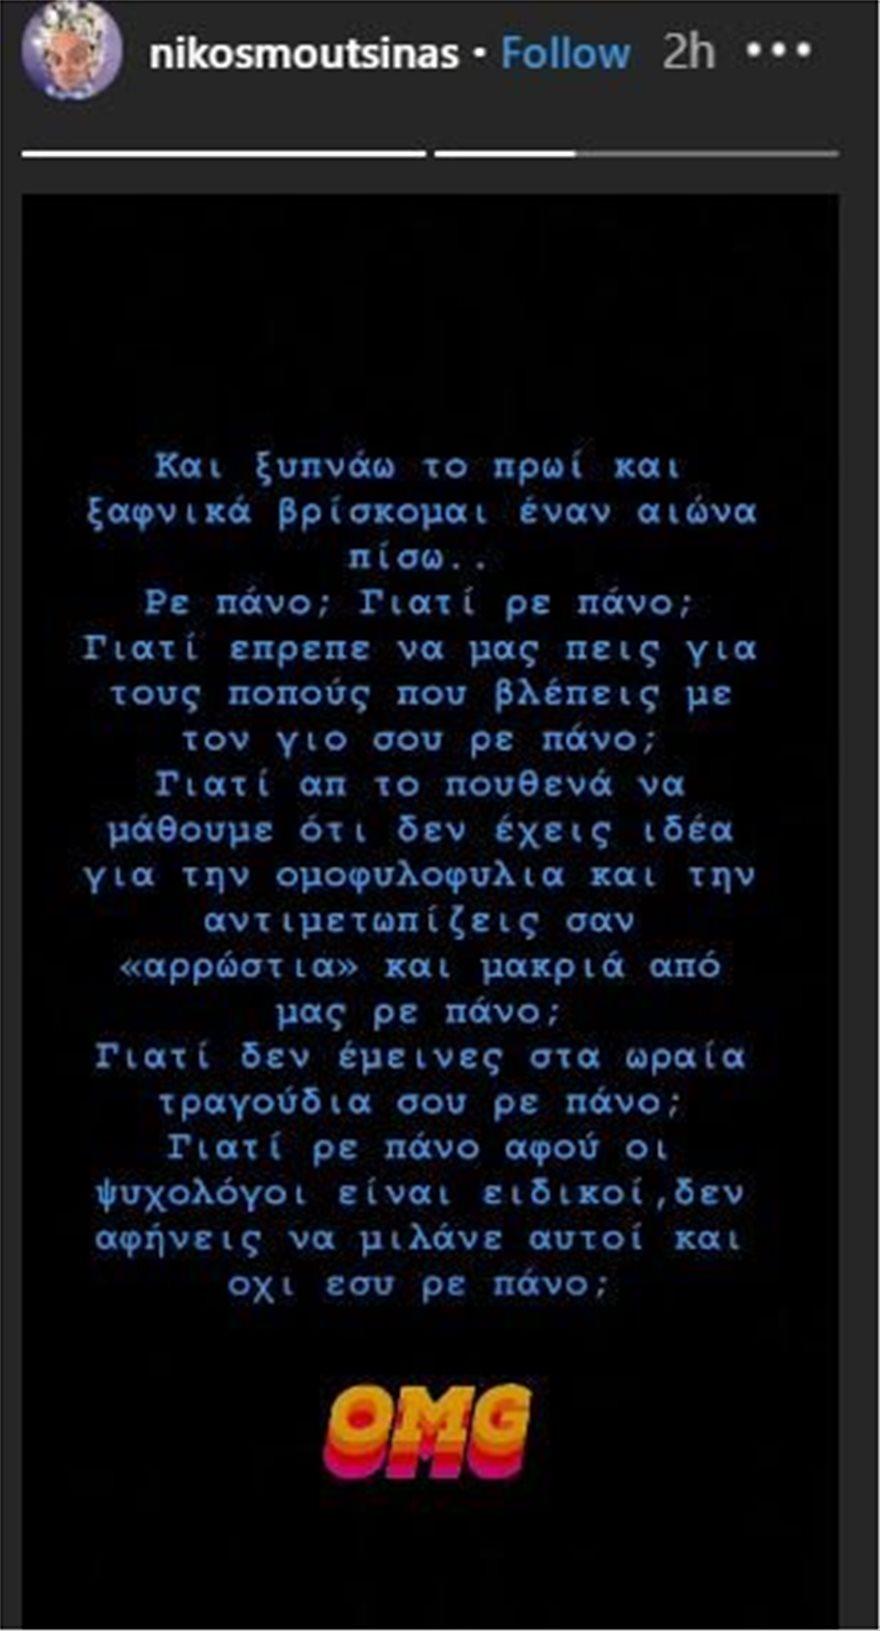 Nikos_Moutsinas